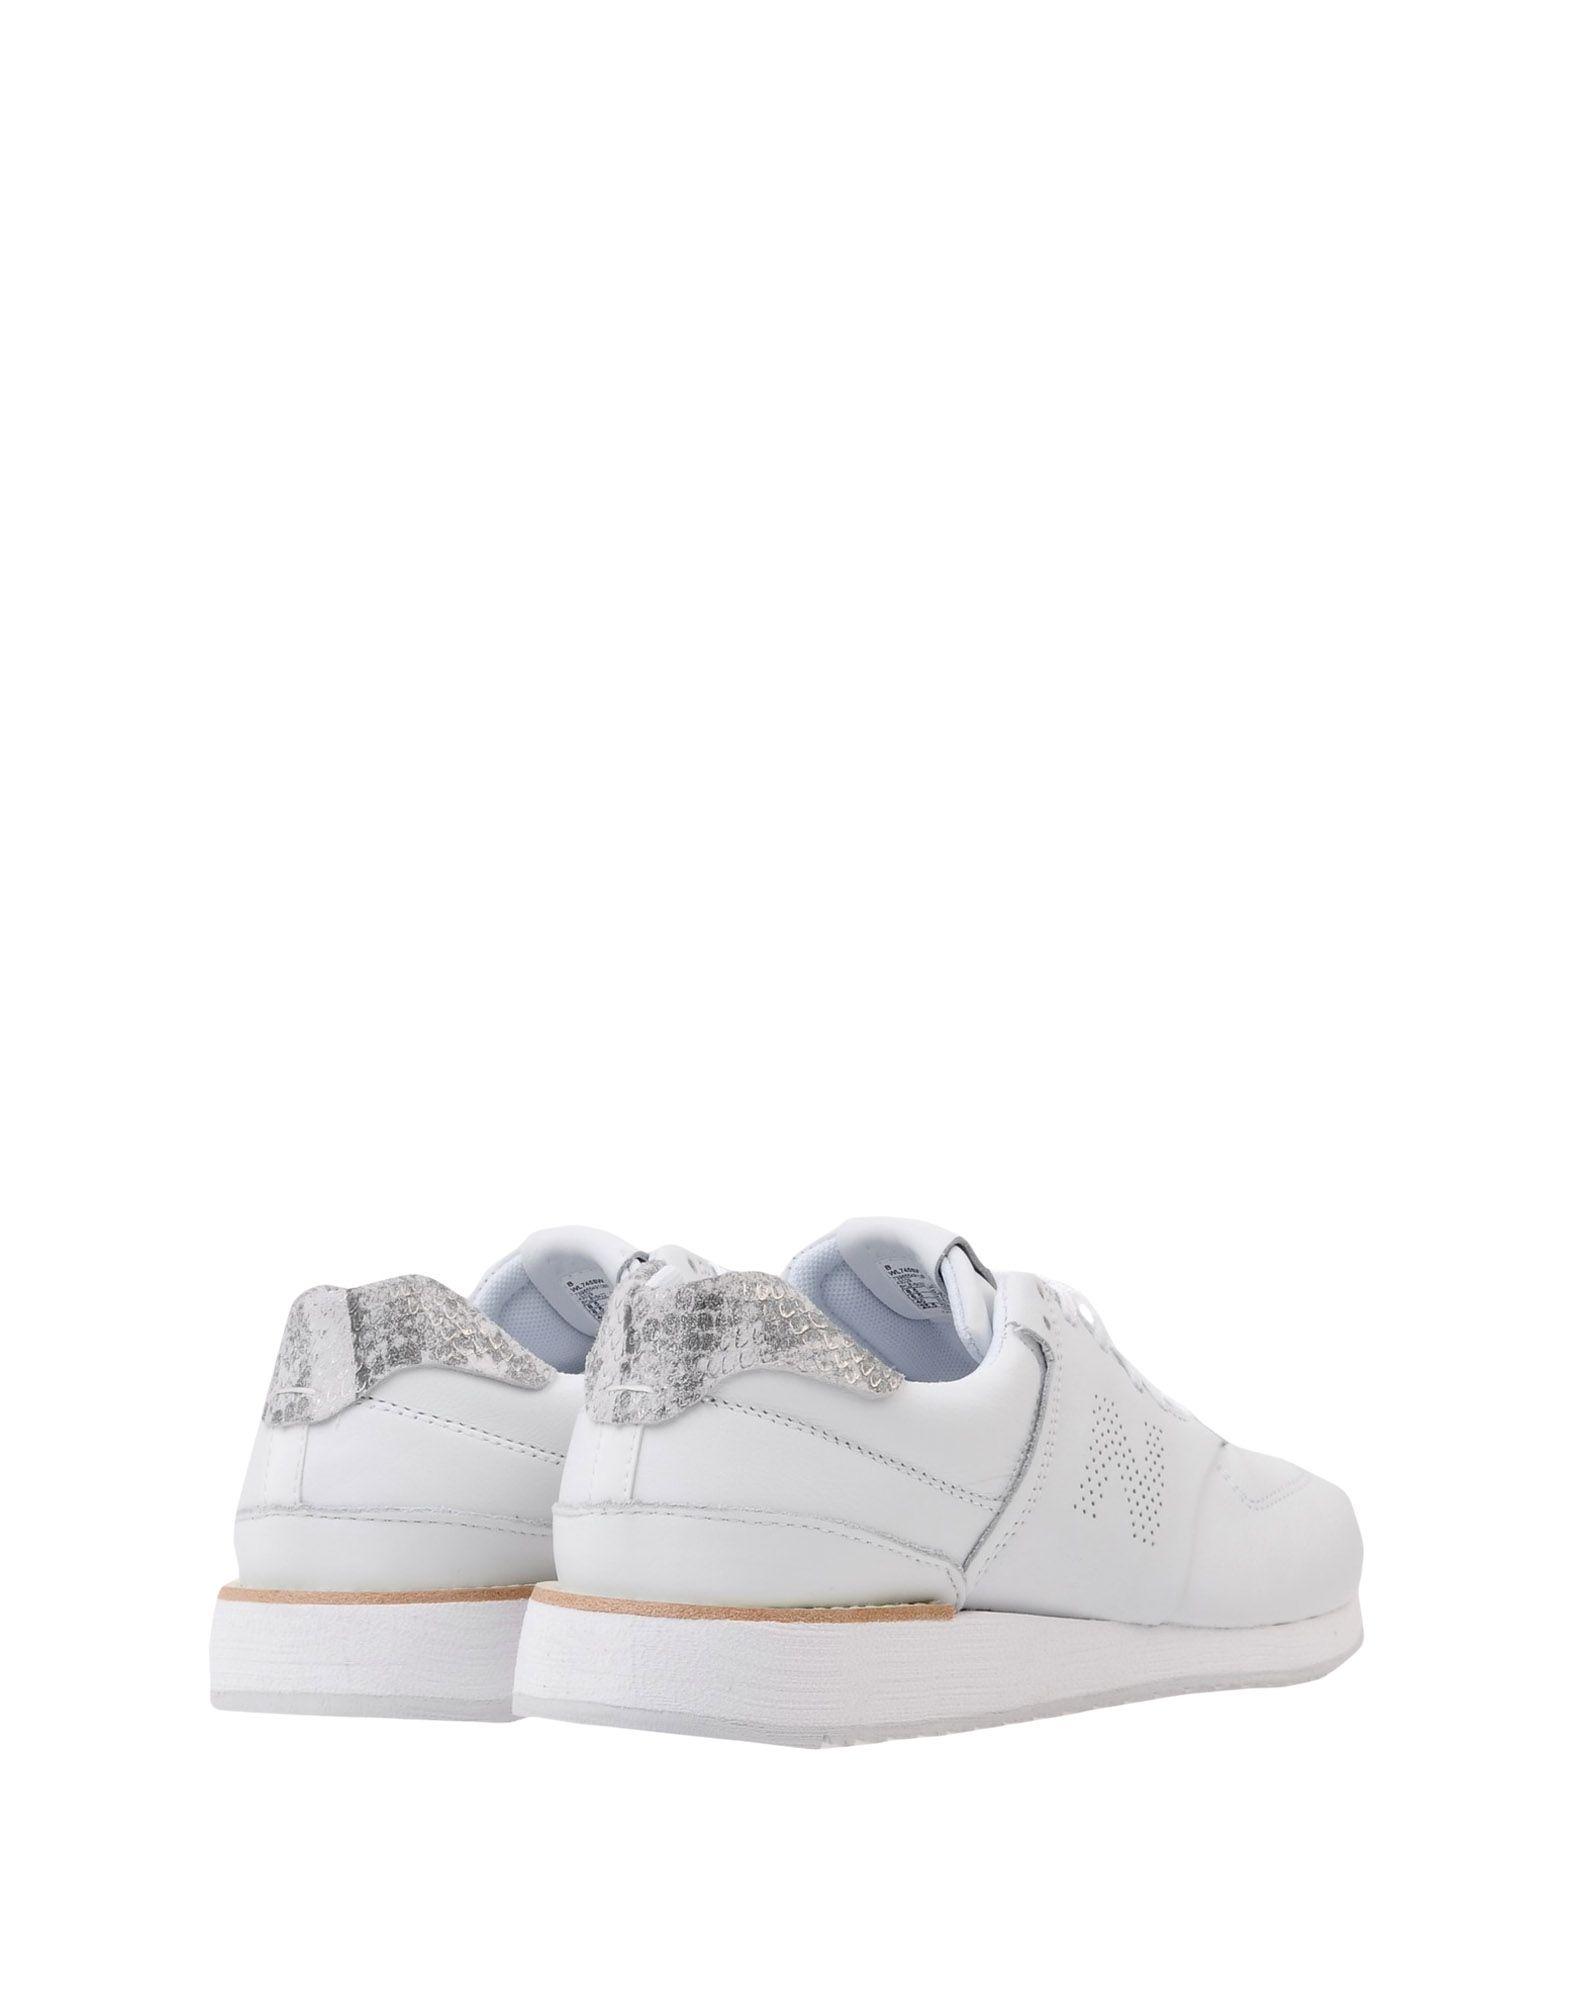 New Balance 745 Seasonal Qualität  11467037DQ Gute Qualität Seasonal beliebte Schuhe 4884c8